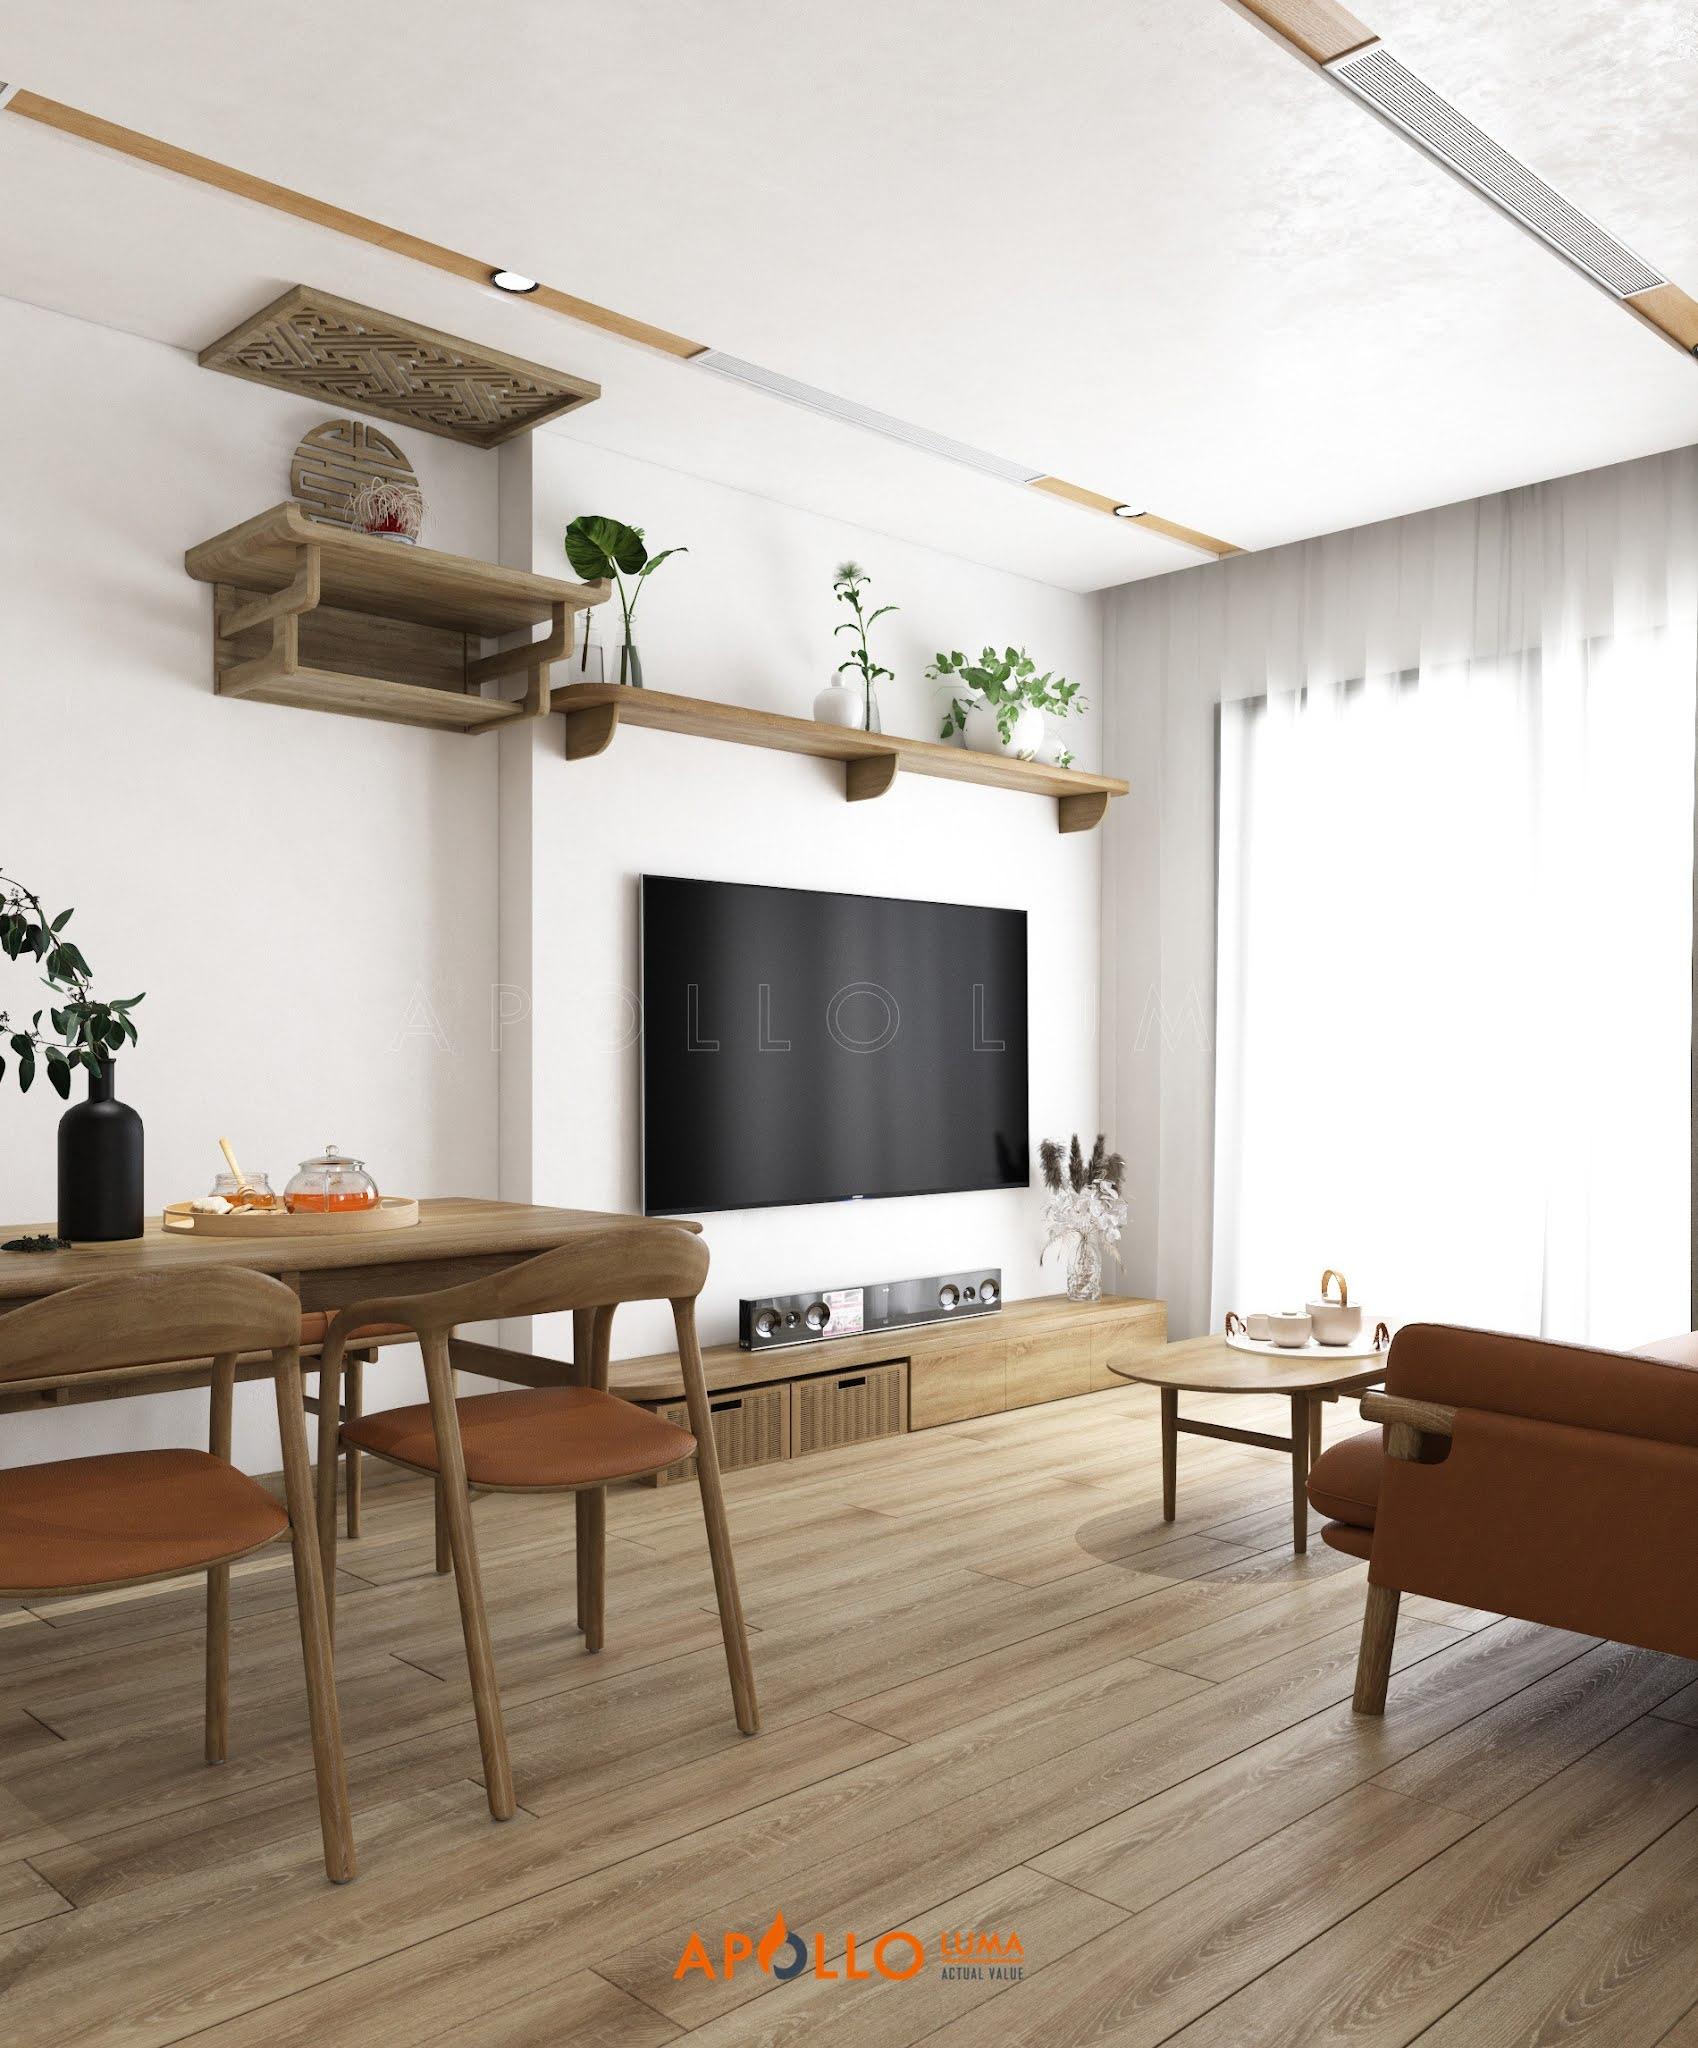 Thiết kế nội thất căn 1 phòng ngủ Vinhomes Smart City Tây Mỗ